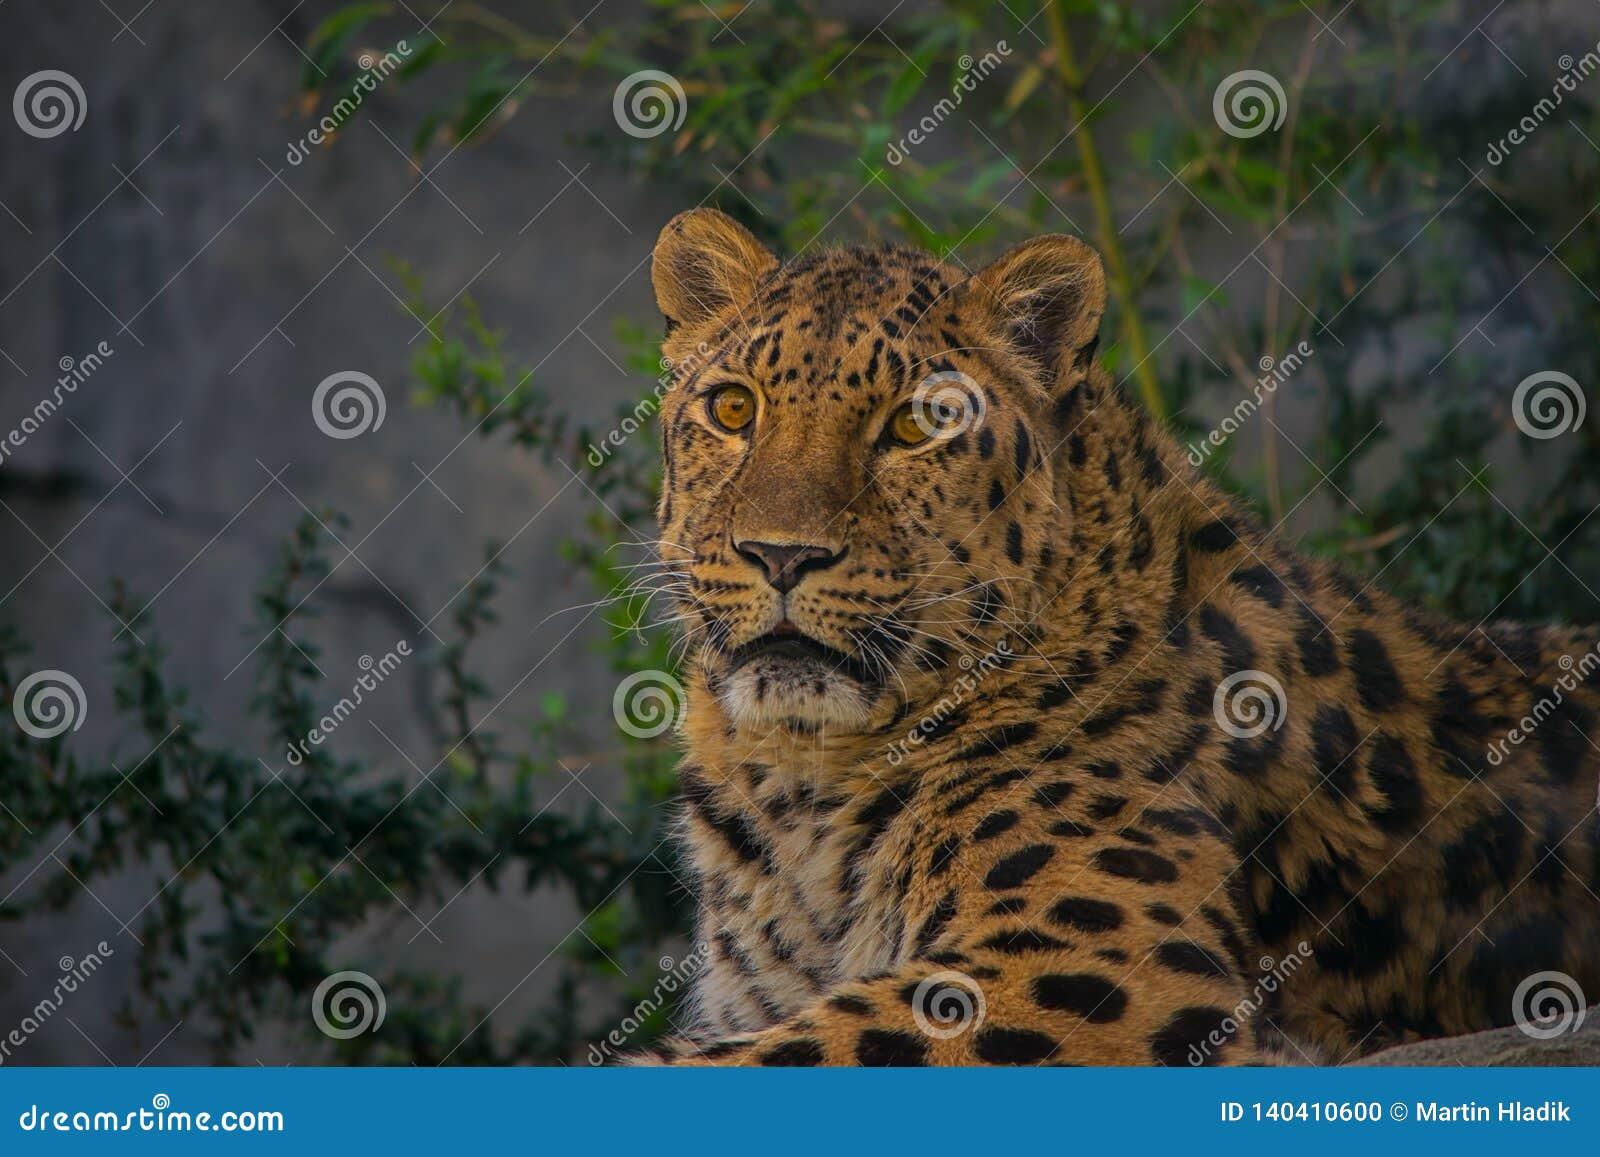 Ягуар, кот, bigcat, цвет, портрет